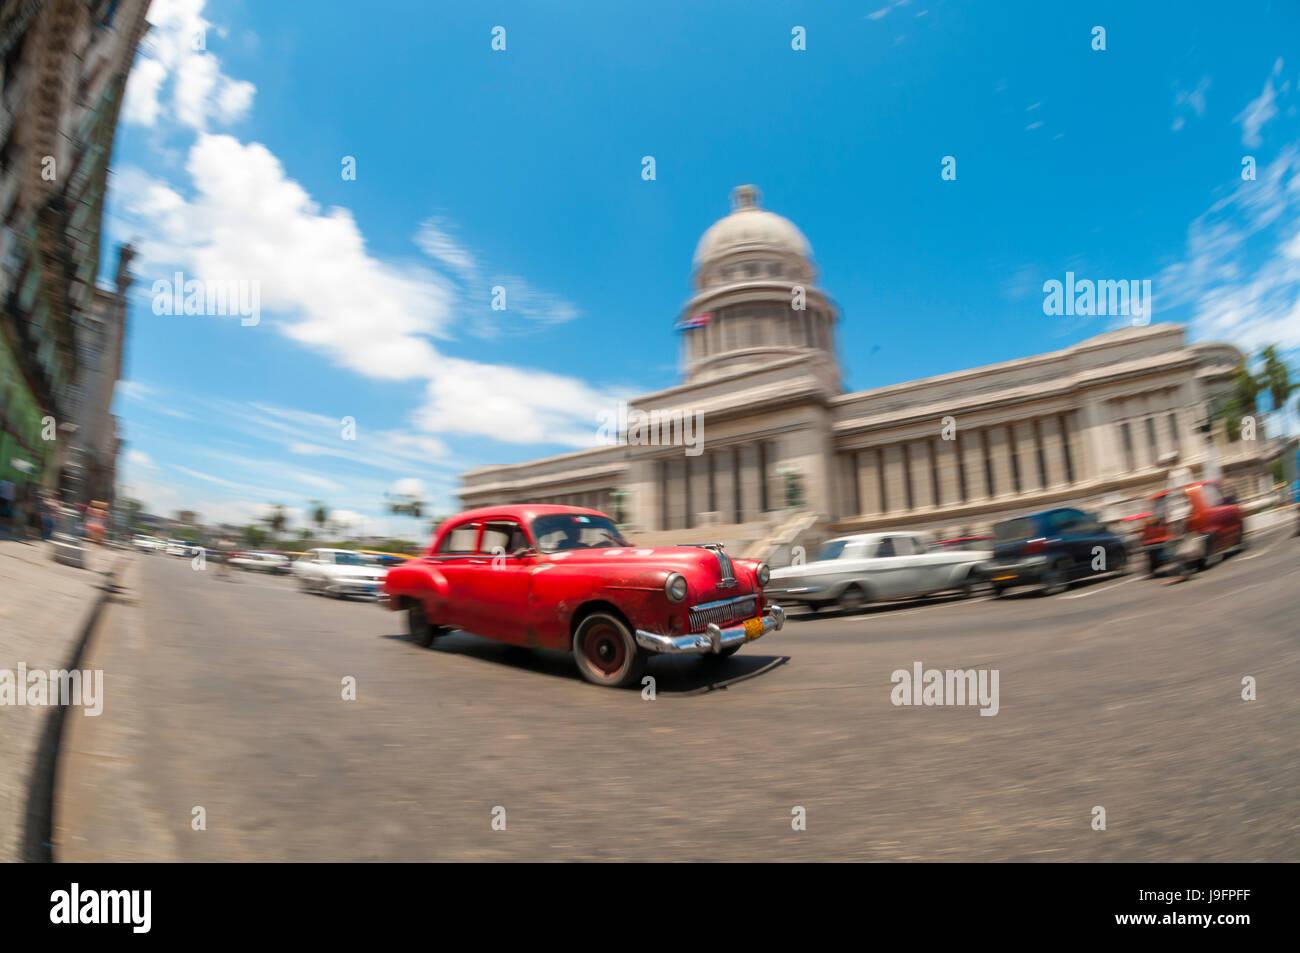 La HAVANE, CUBA - Juin 2011: American Classic vintage cubain taxi voiture passe devant le Capitolio building Photo Stock